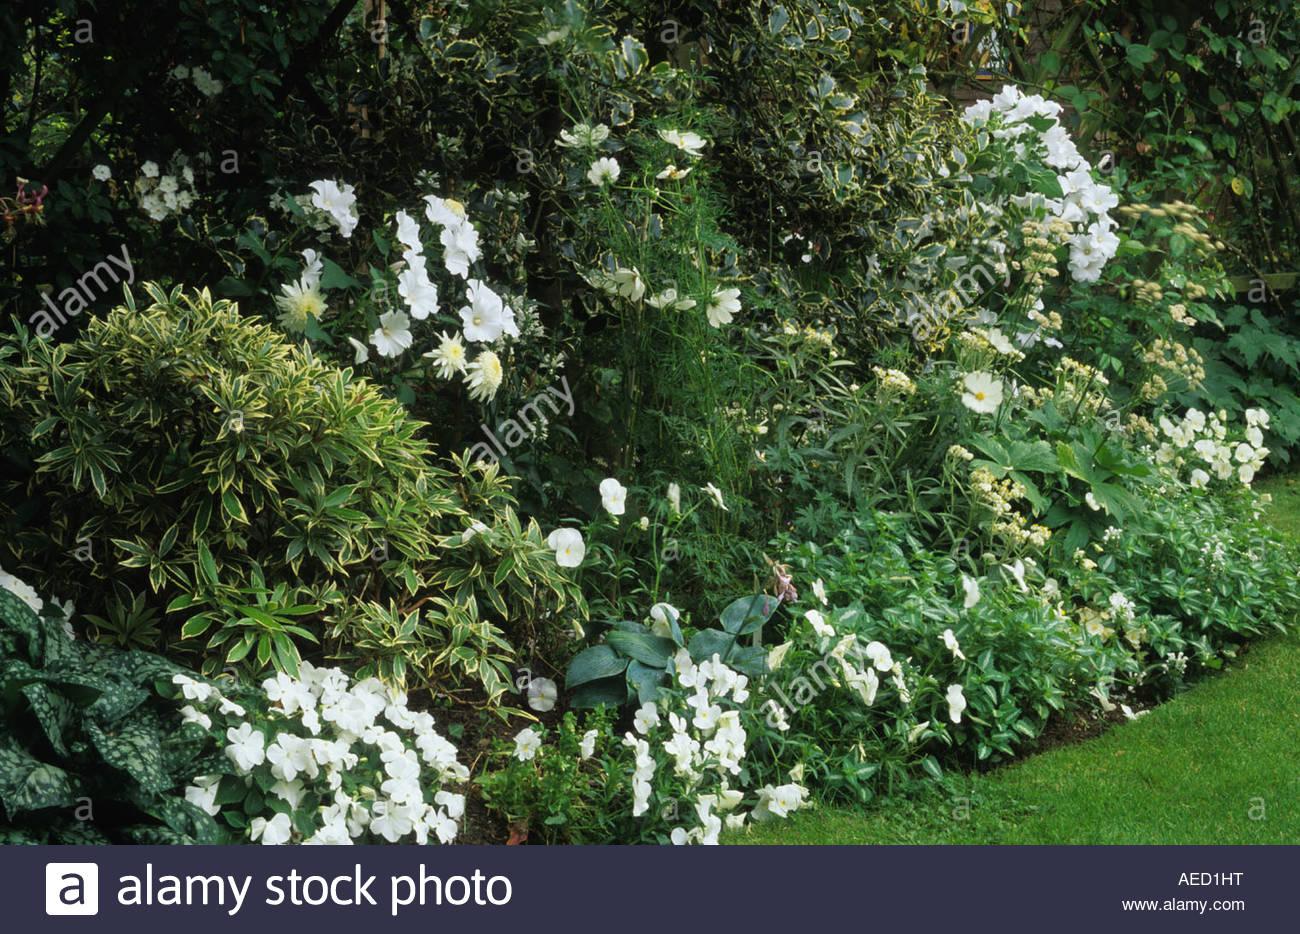 Shepheard S Lane Surrey Small Town Garden With White Flower Border